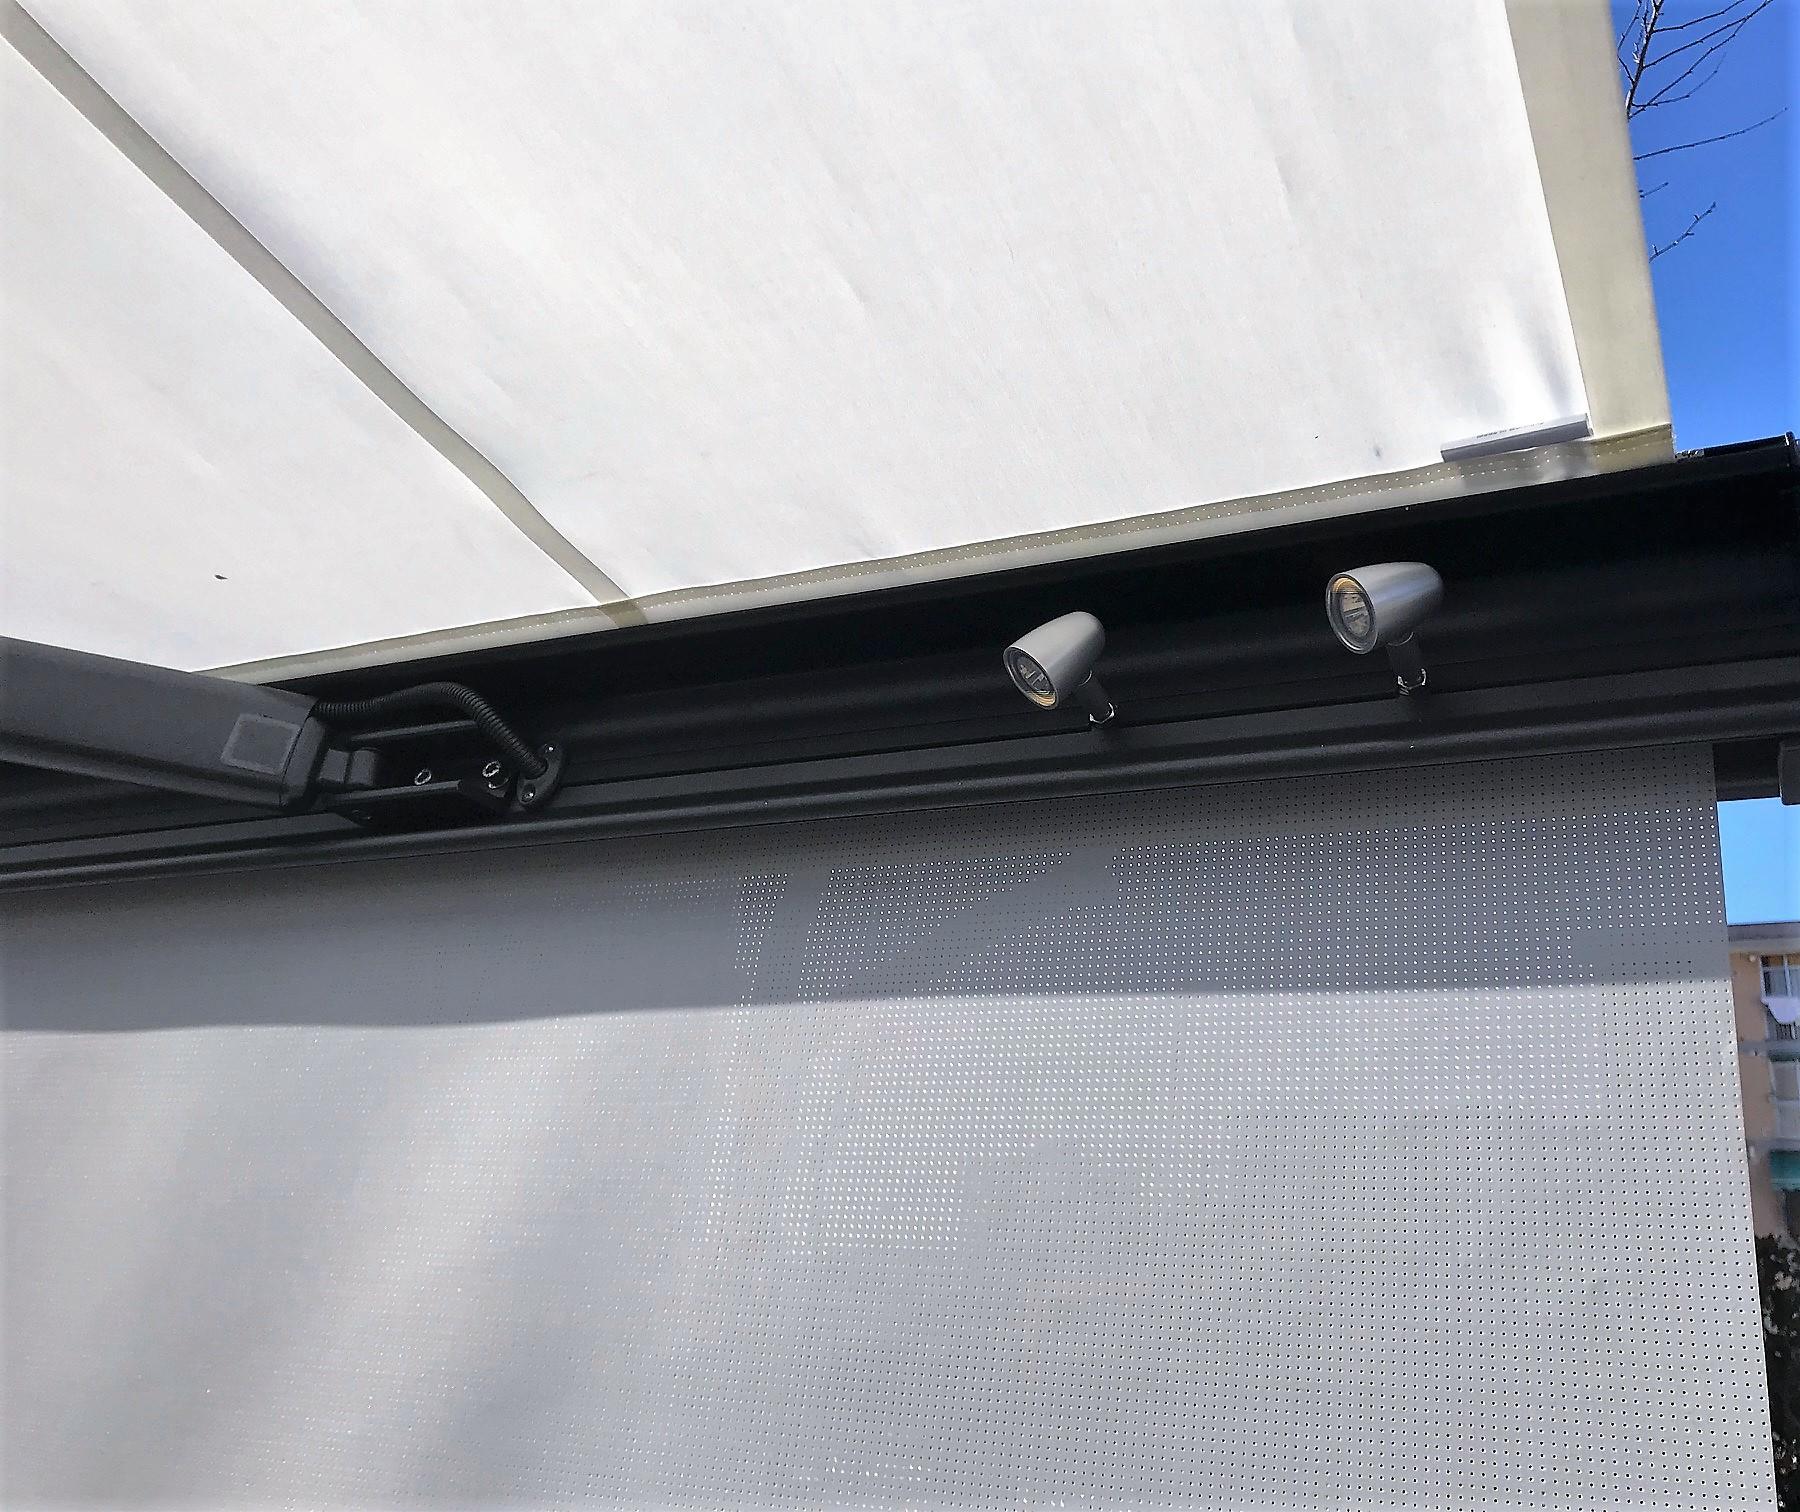 Repuestos para toldos repuestos de sombrillas motorizaci n for Repuestos y accesorios para toldos